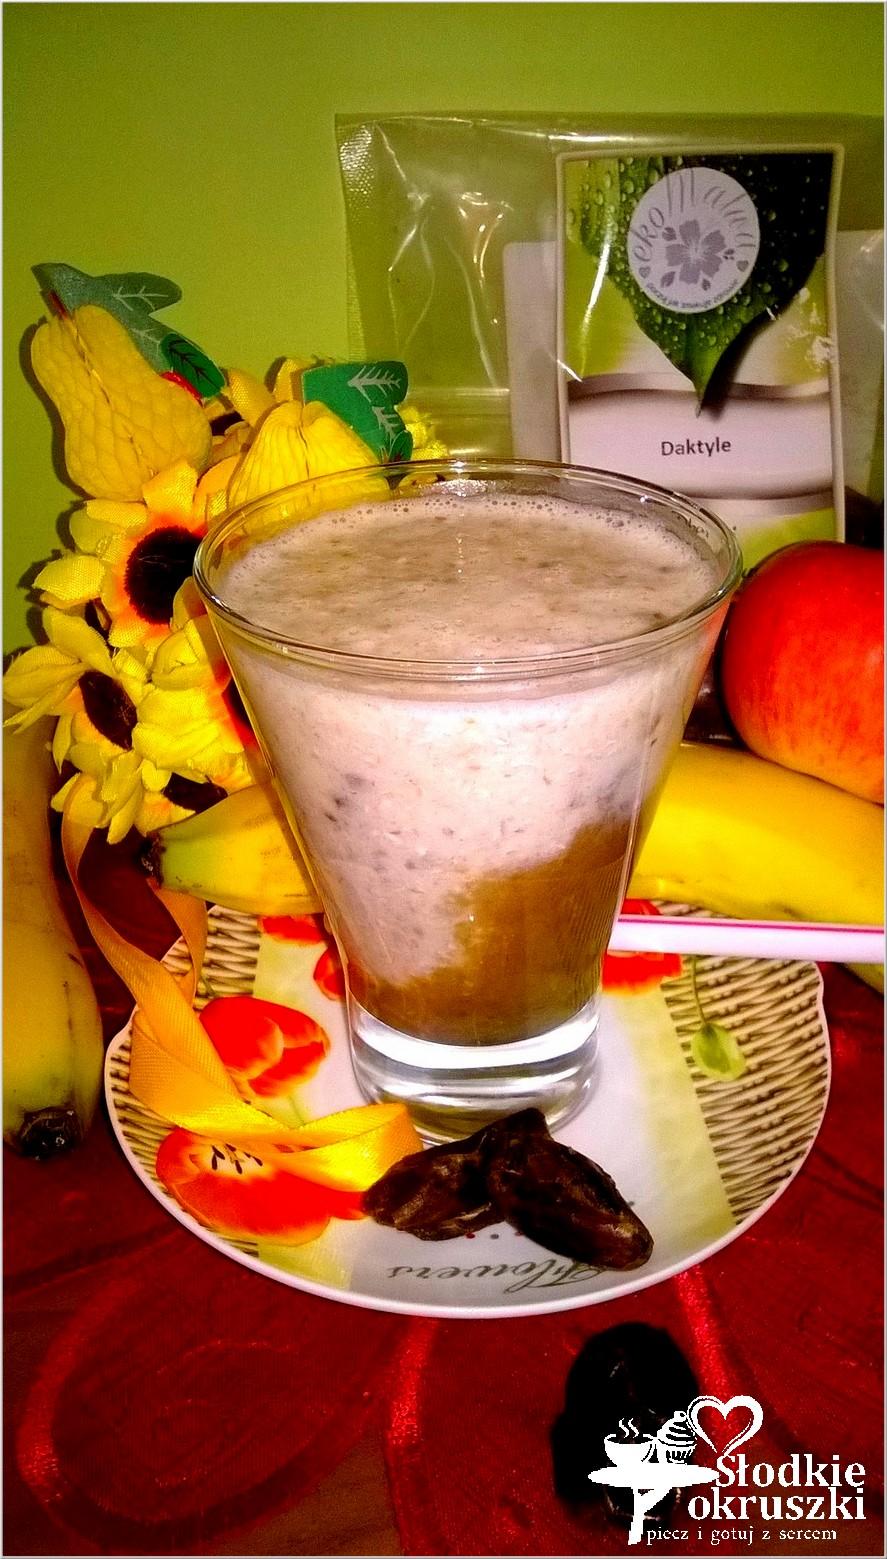 Pomysł na drugie śniadanie. Koktajl kawowo daktylowy z płatkami orkiszowymi 2